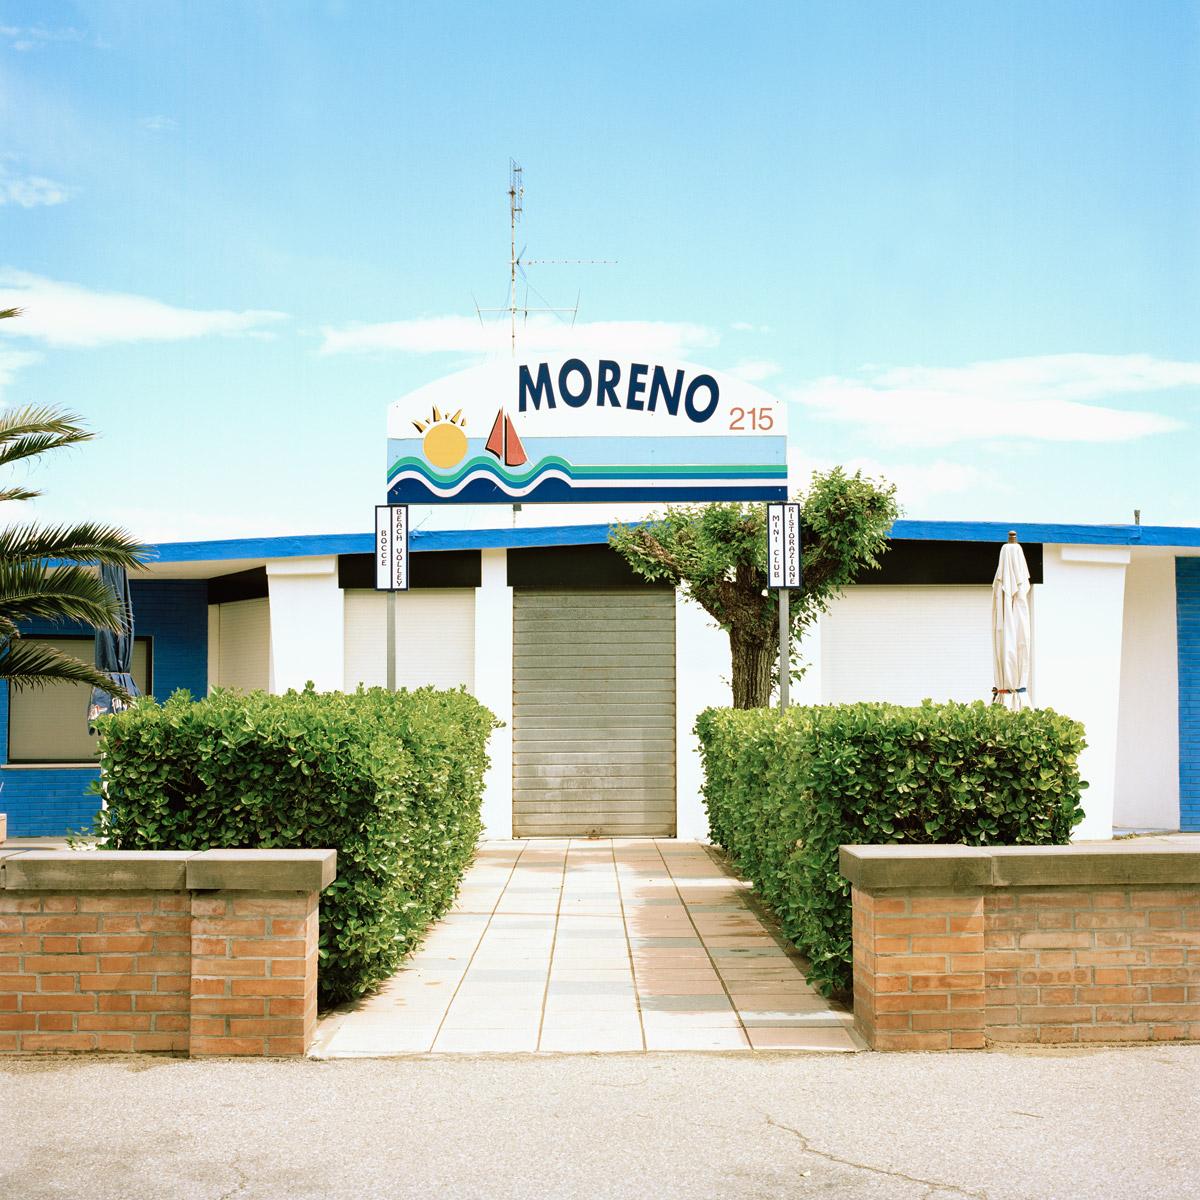 Moreno_215